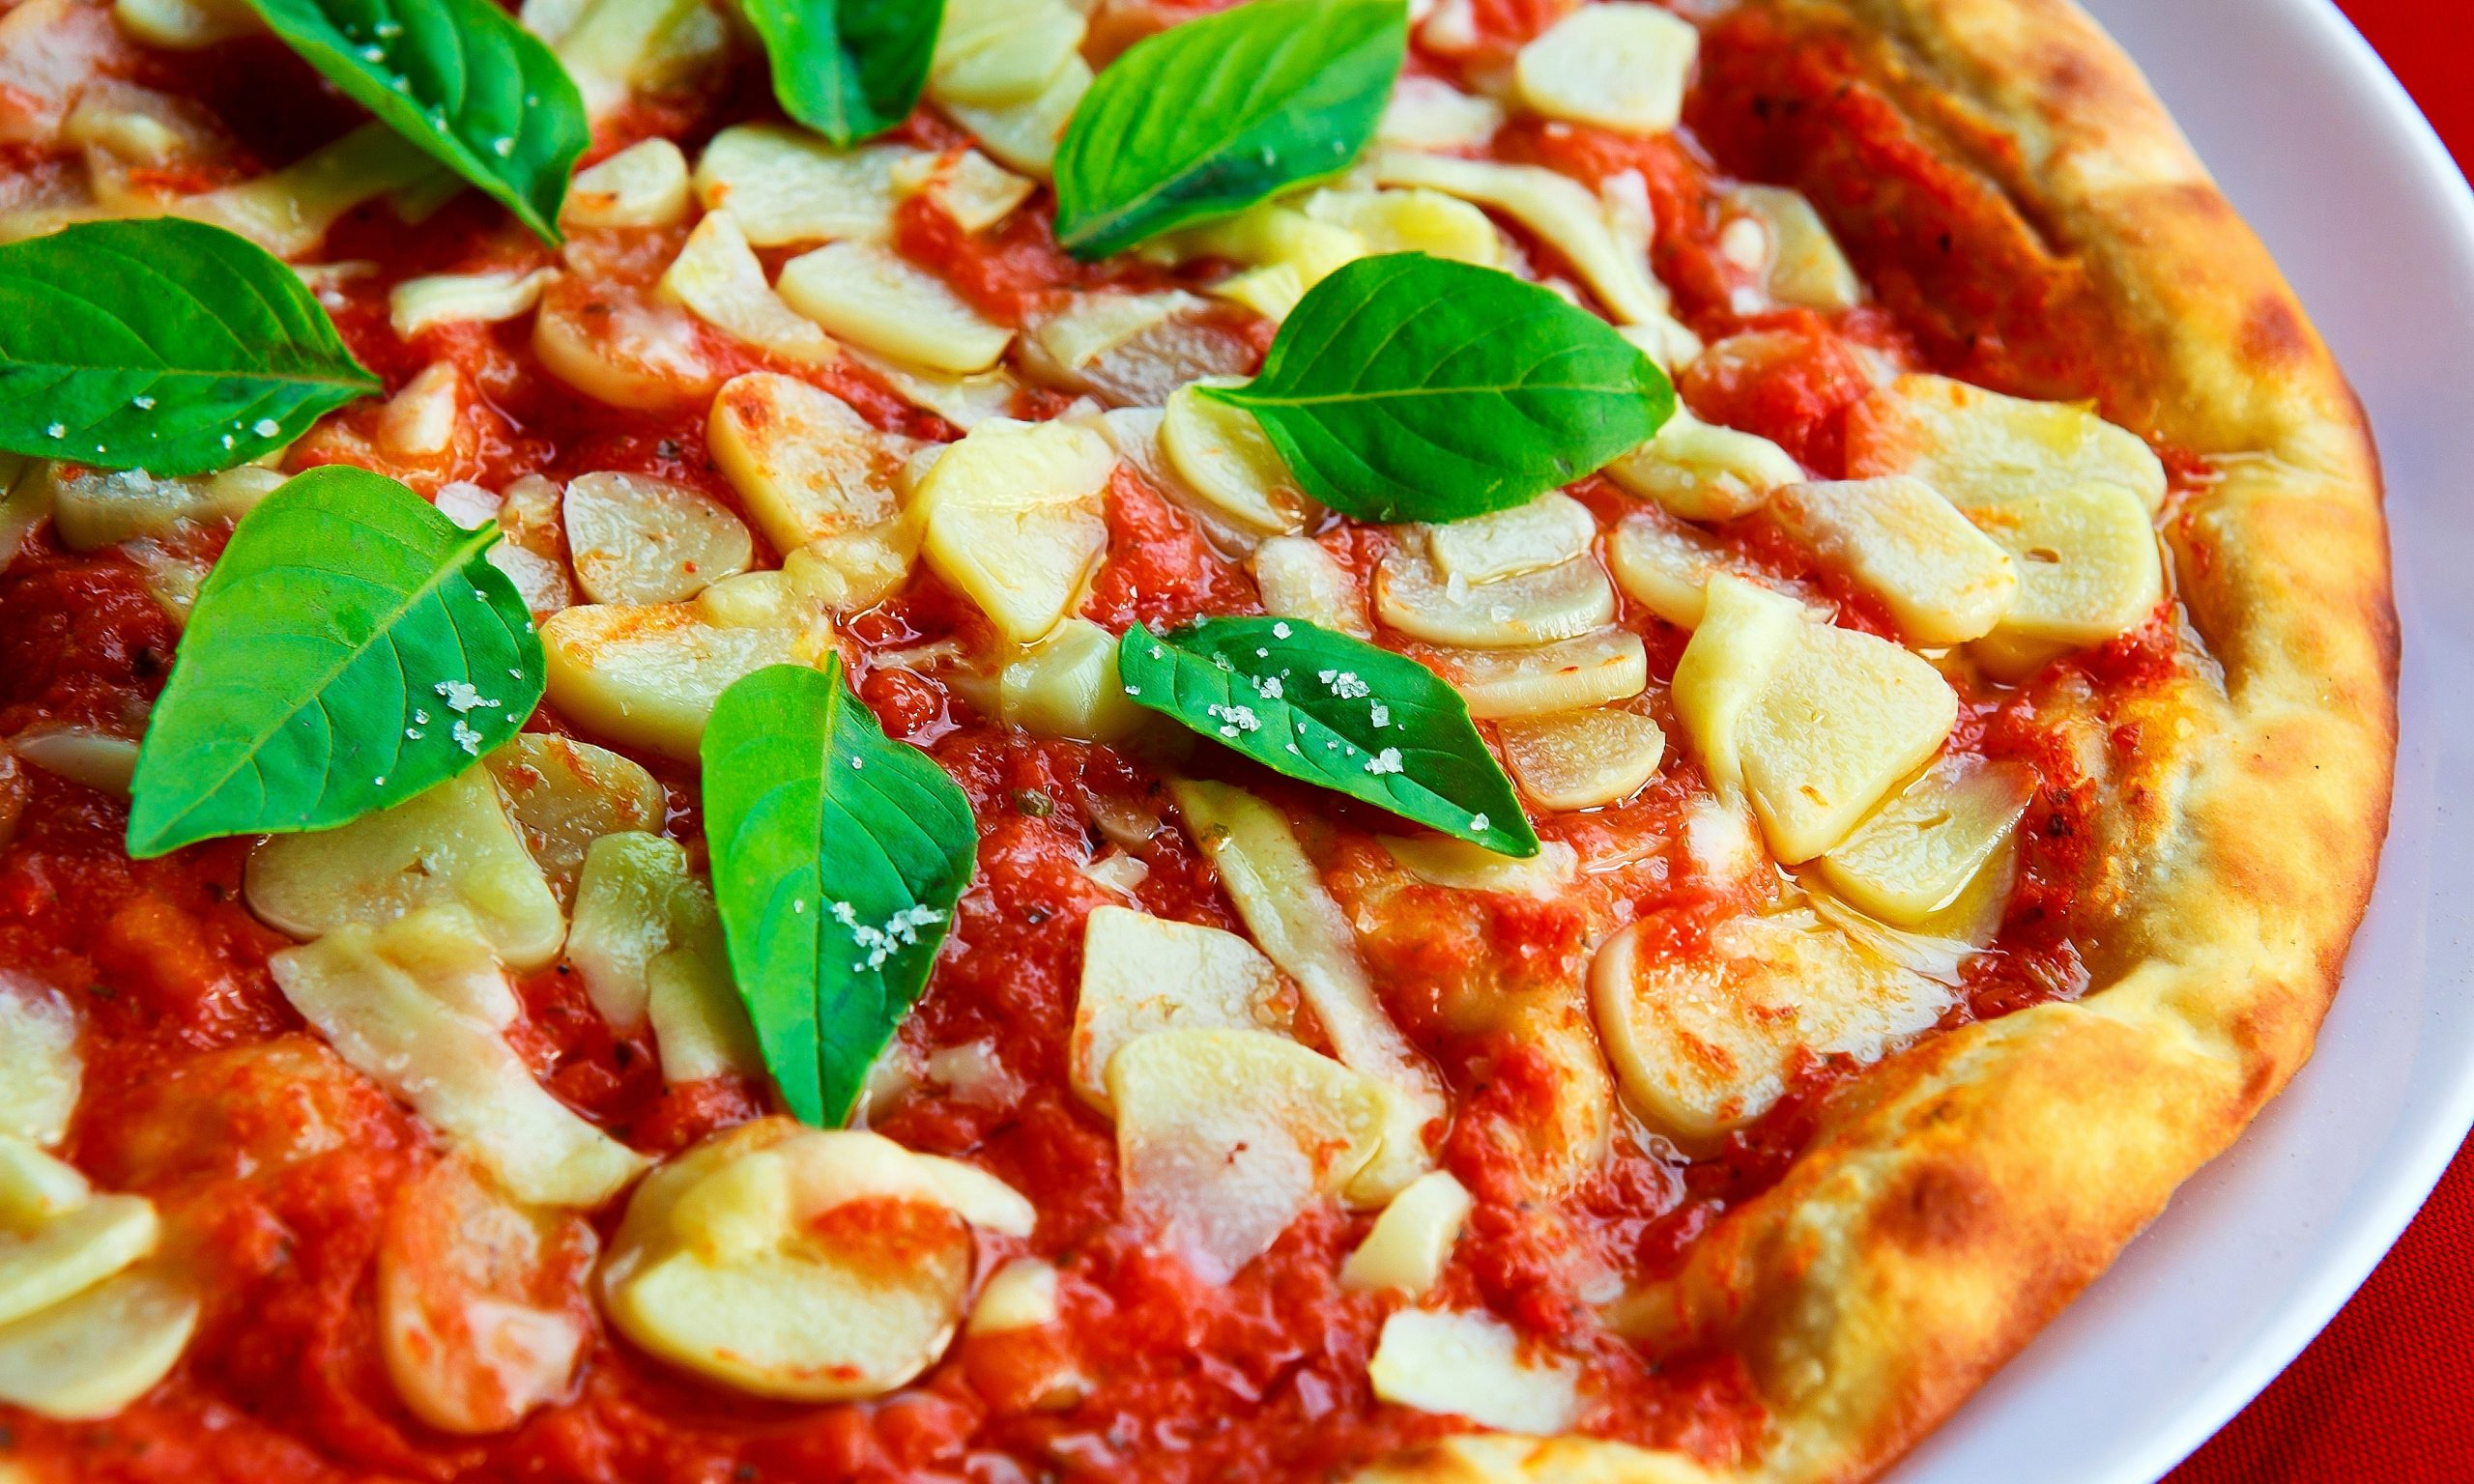 加拿大美食|集詆毀與寵愛於一身的夏威夷披薩